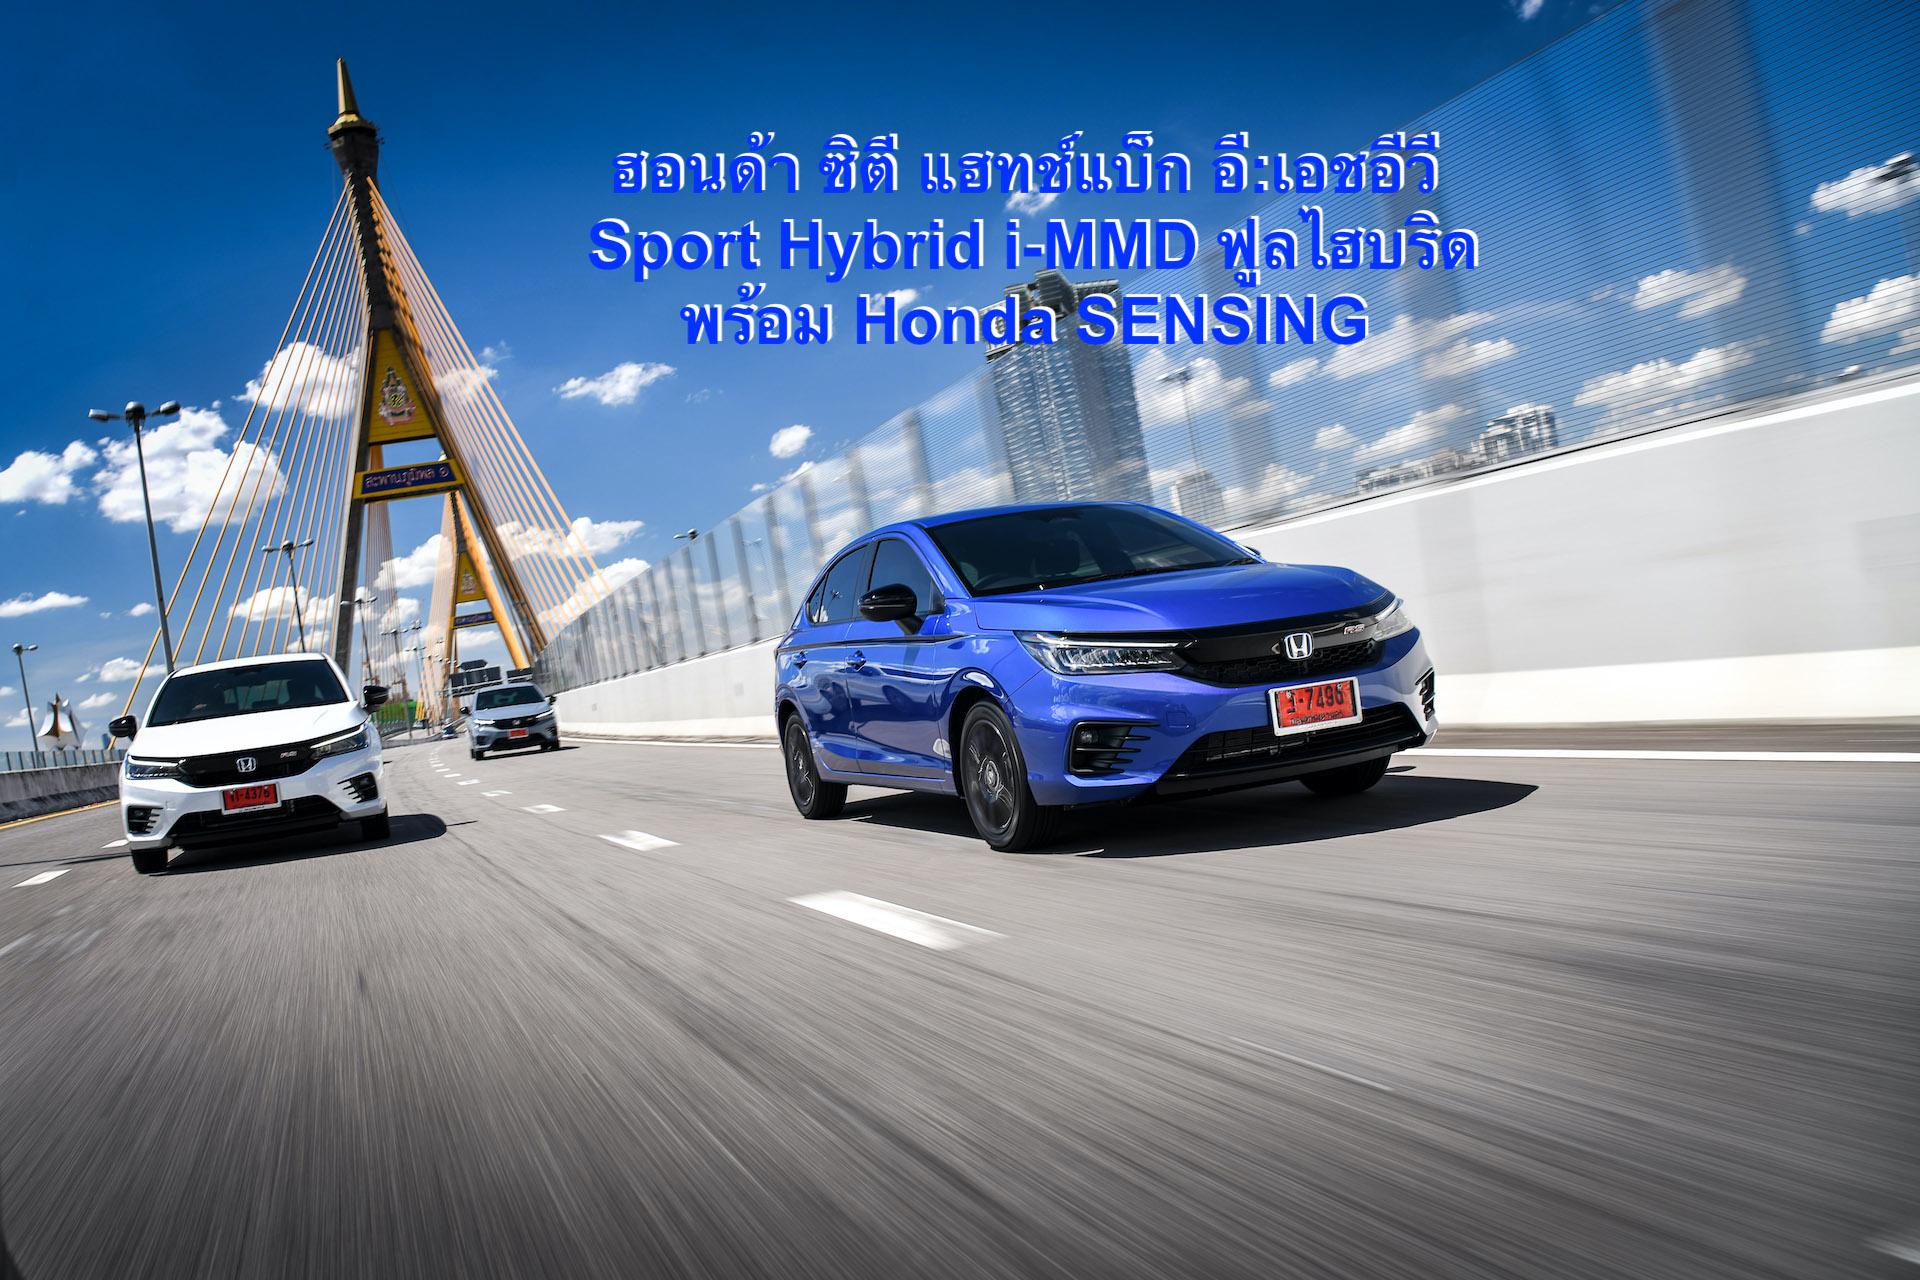 ฮอนด้า ซิตี้ แฮทช์แบ็ก อี:เอชอีวีใหม่ระบบขับเคลื่อน Sport Hybrid i-MMD ฟูลไฮบริด พร้อมด้วยเทคโนโลยีความปลอดภัยอัจฉริยะ Honda SENSING